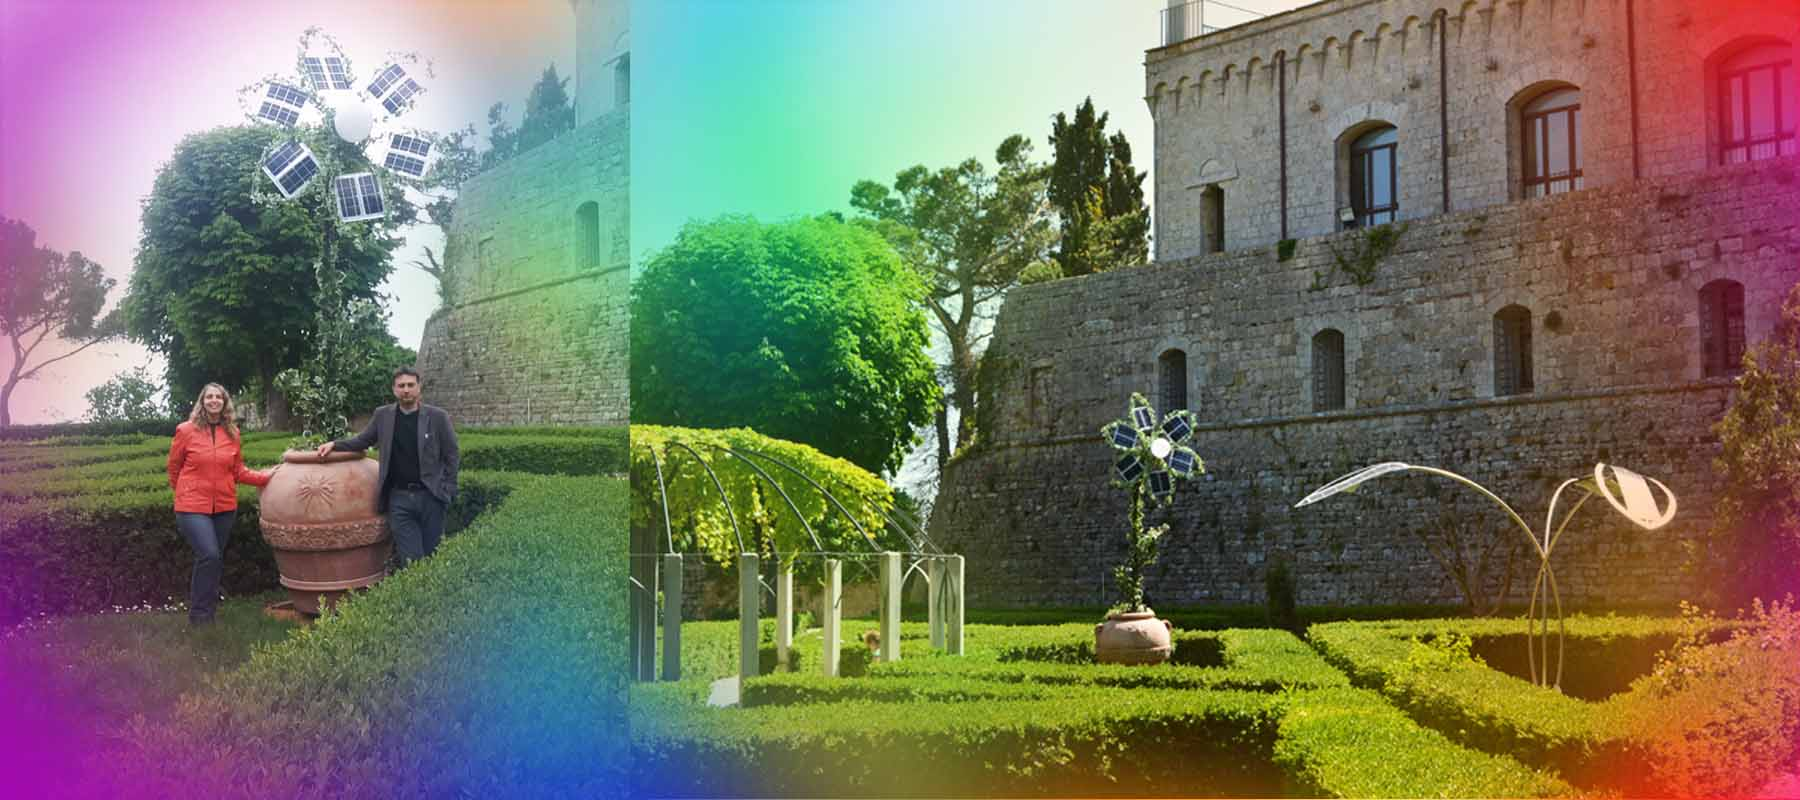 castle3 copy